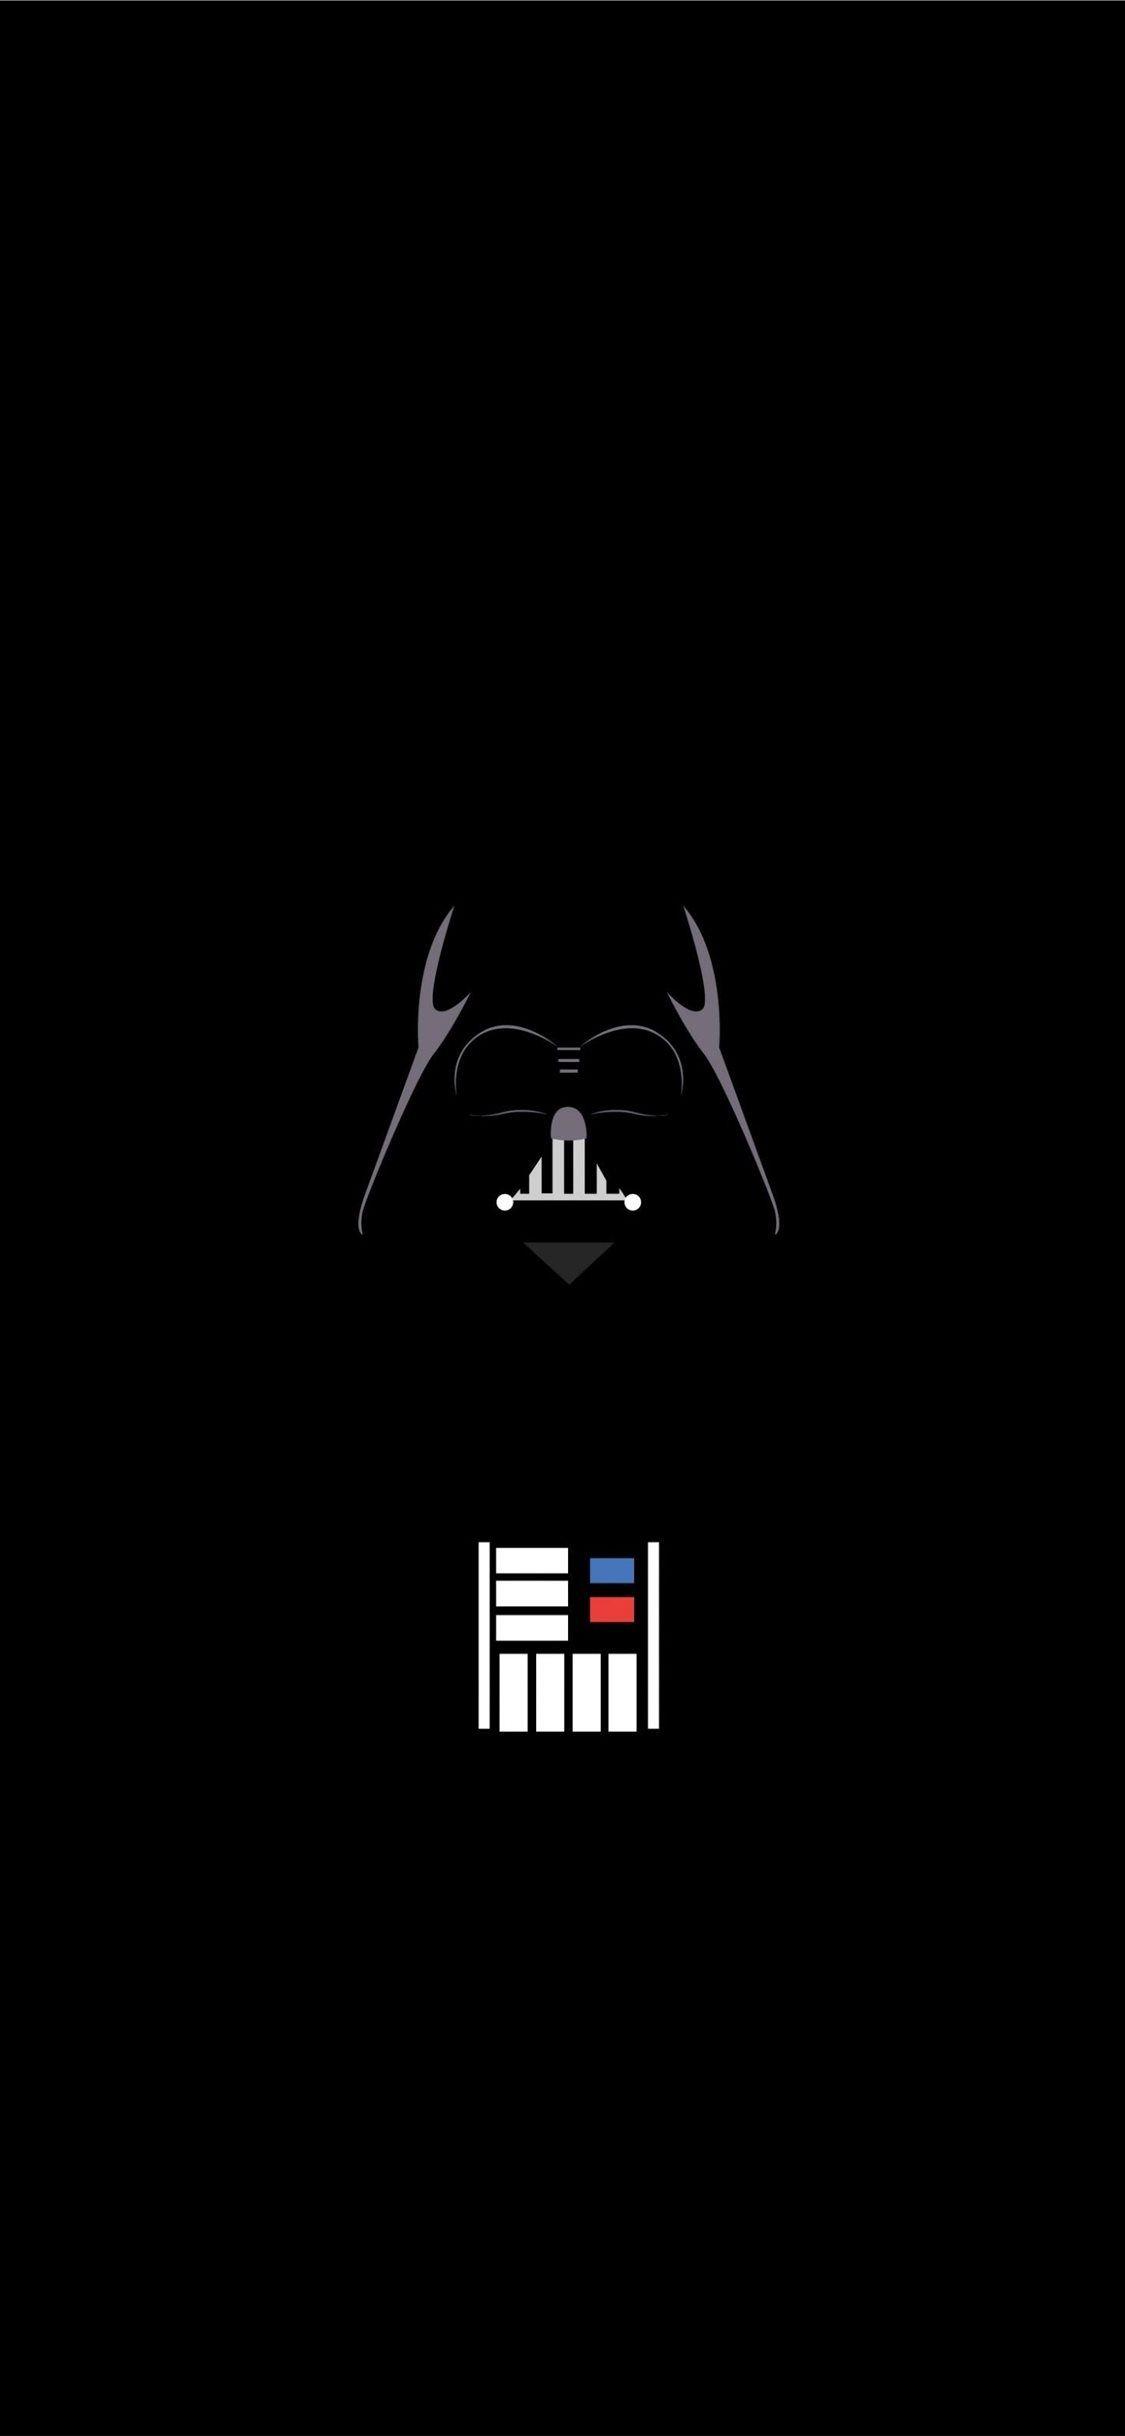 Vader Minimalist Minimalist Star Wars Trends In 2020 Star Wars Wallpaper Minimalist Iphone Wallpaper